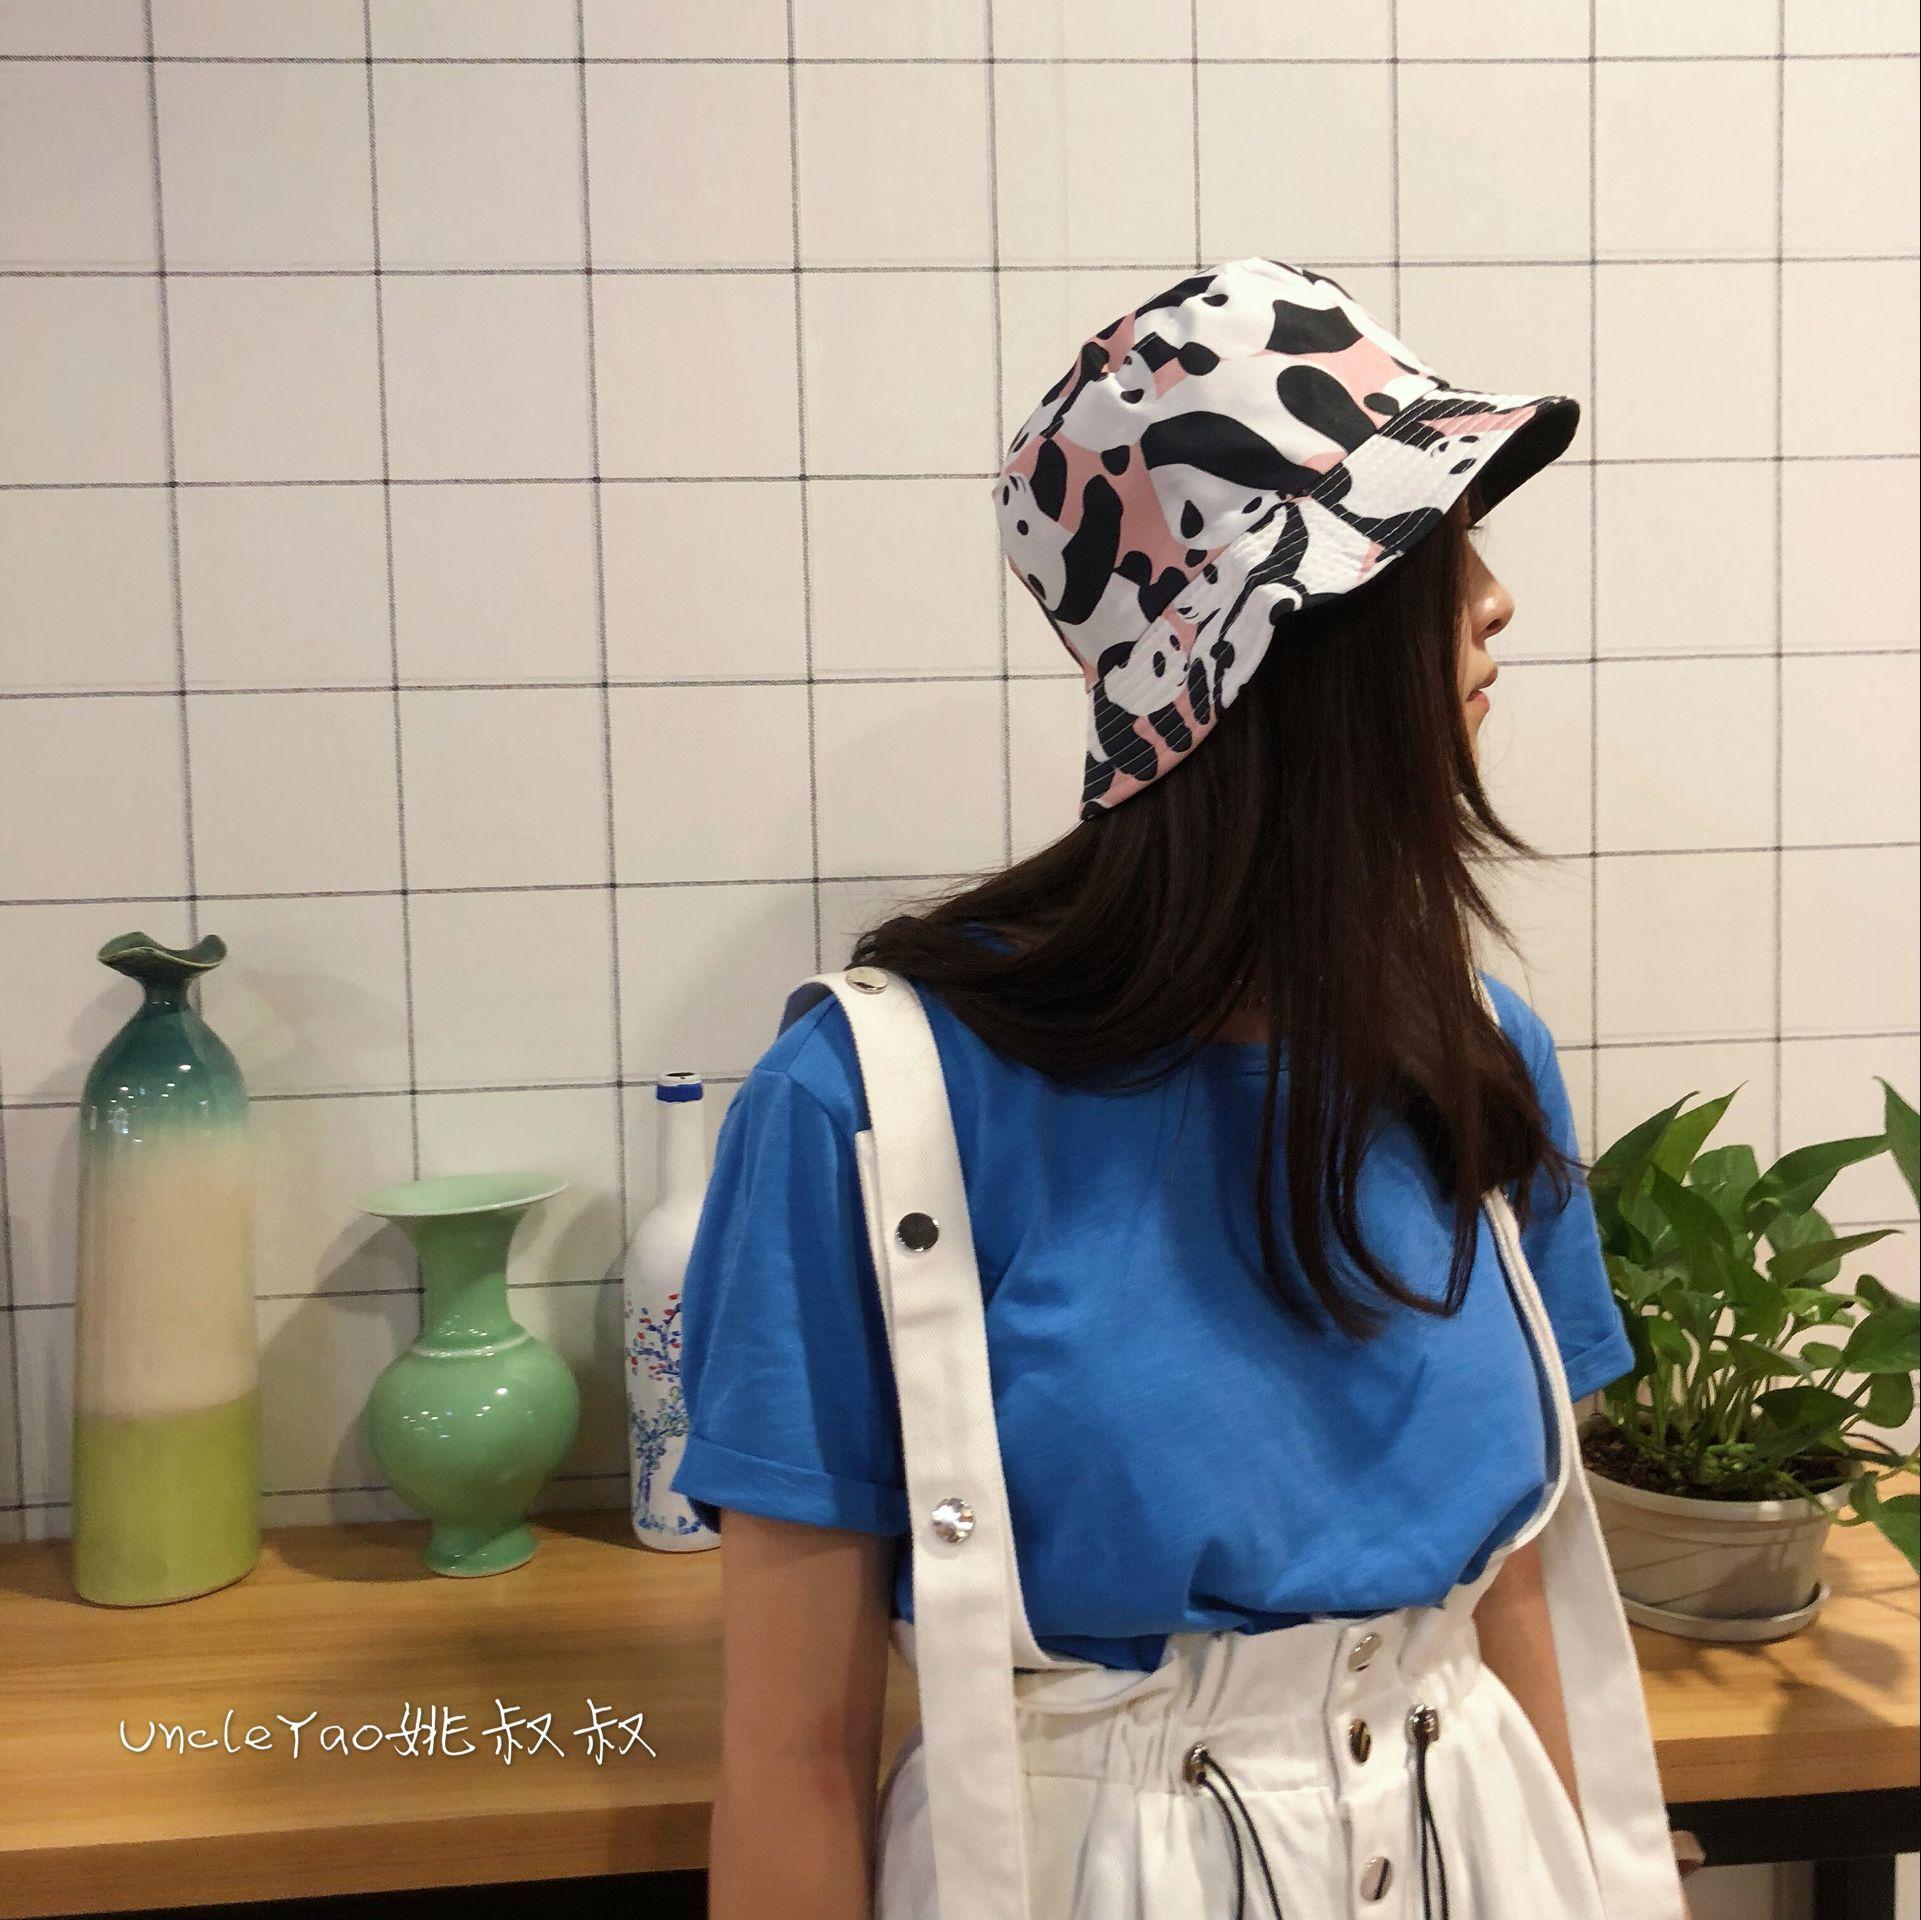 超可爱大熊猫图案印花渔夫帽日系百搭卡通盆帽子男女可折叠遮阳帽